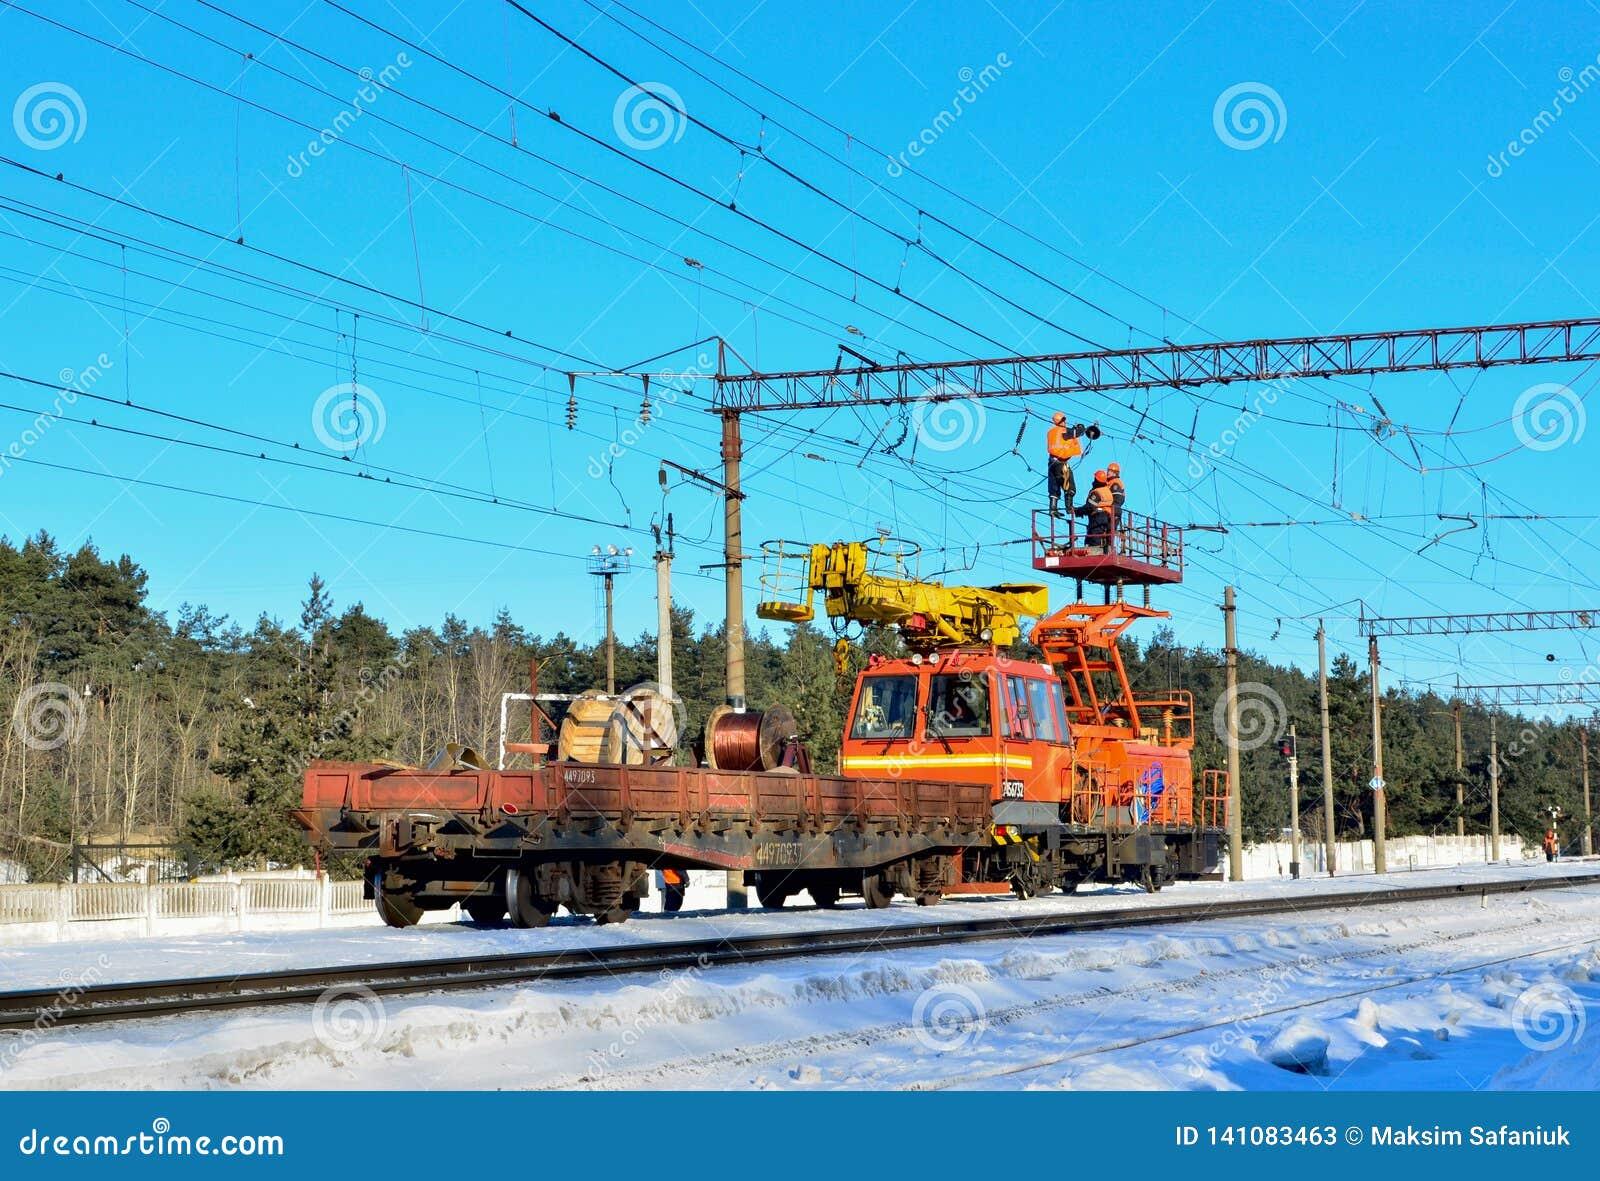 Train spécial avec une grue de débarquement pour le service et la réparation des réseaux électriques sur le chemin de fer